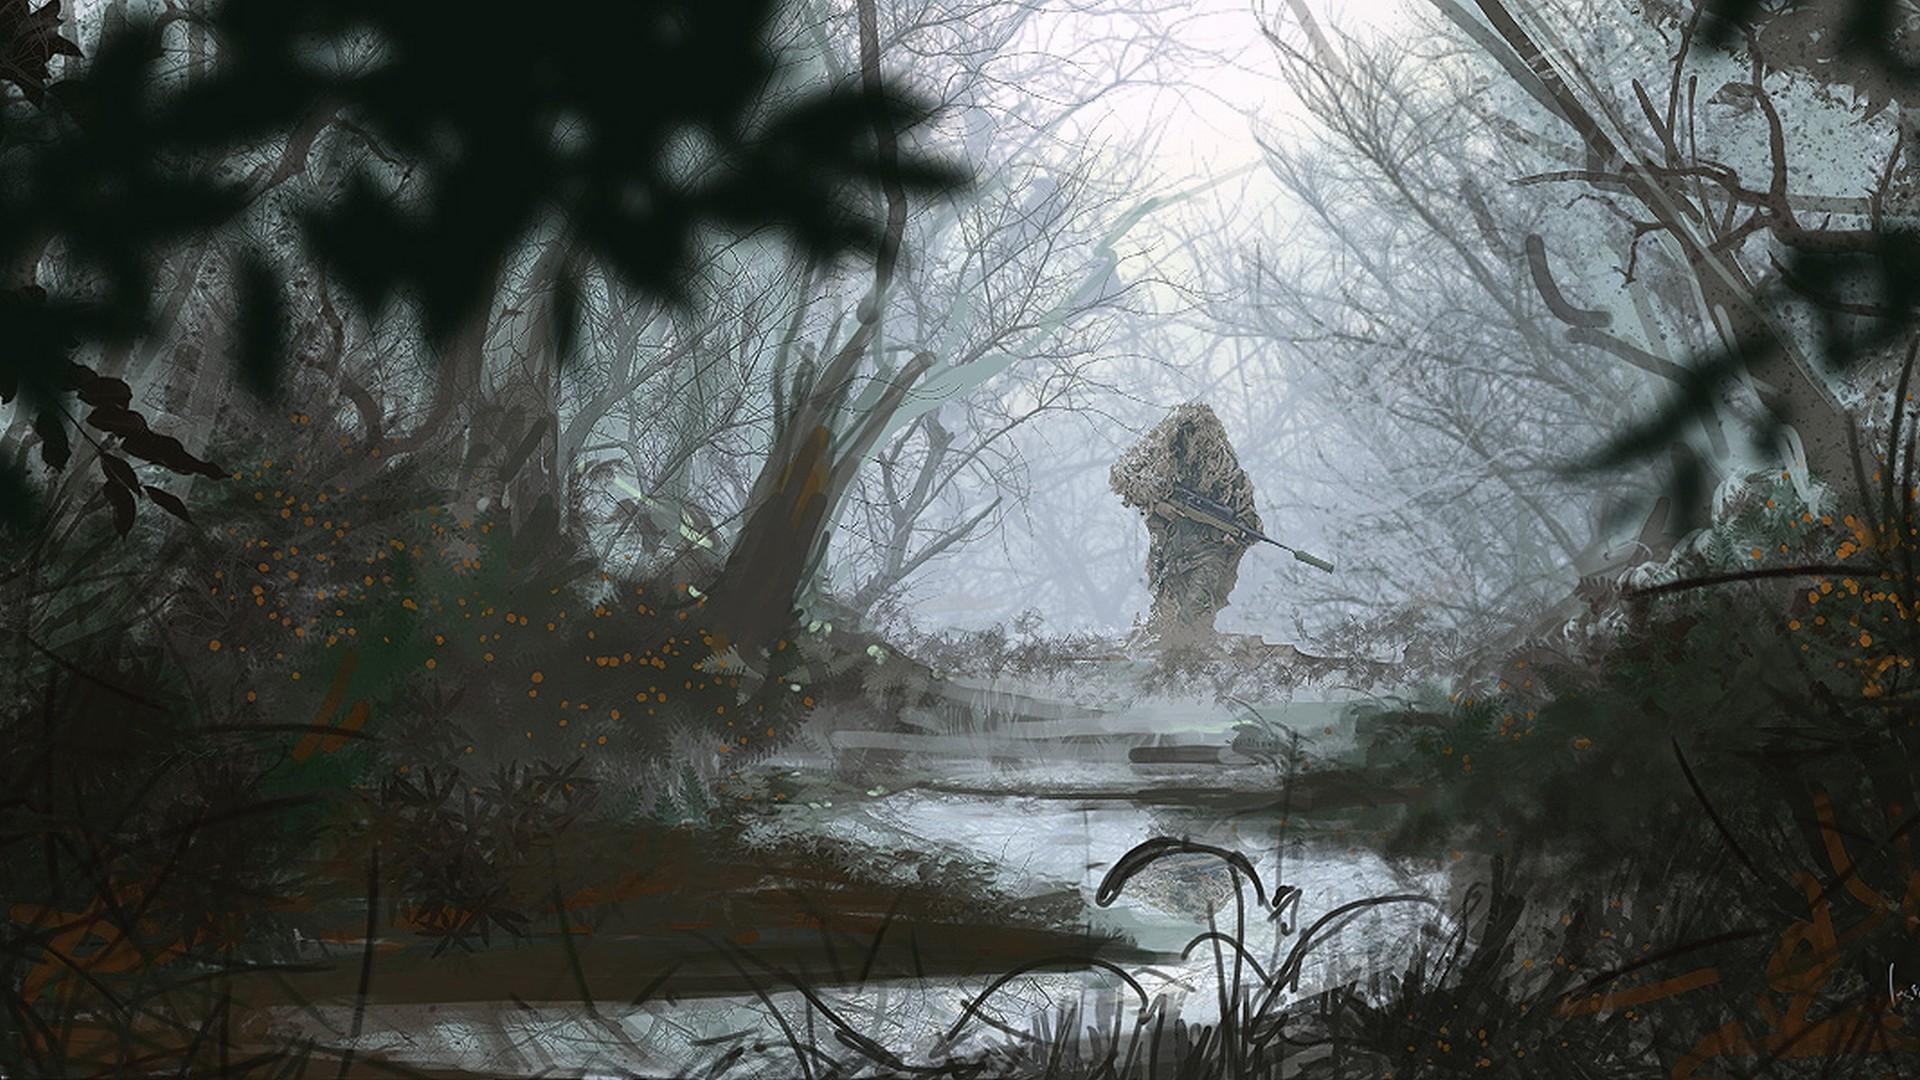 Res: 1920x1080, Pics Photos Usmc Sniper Wallpaper Hd Wallpapers